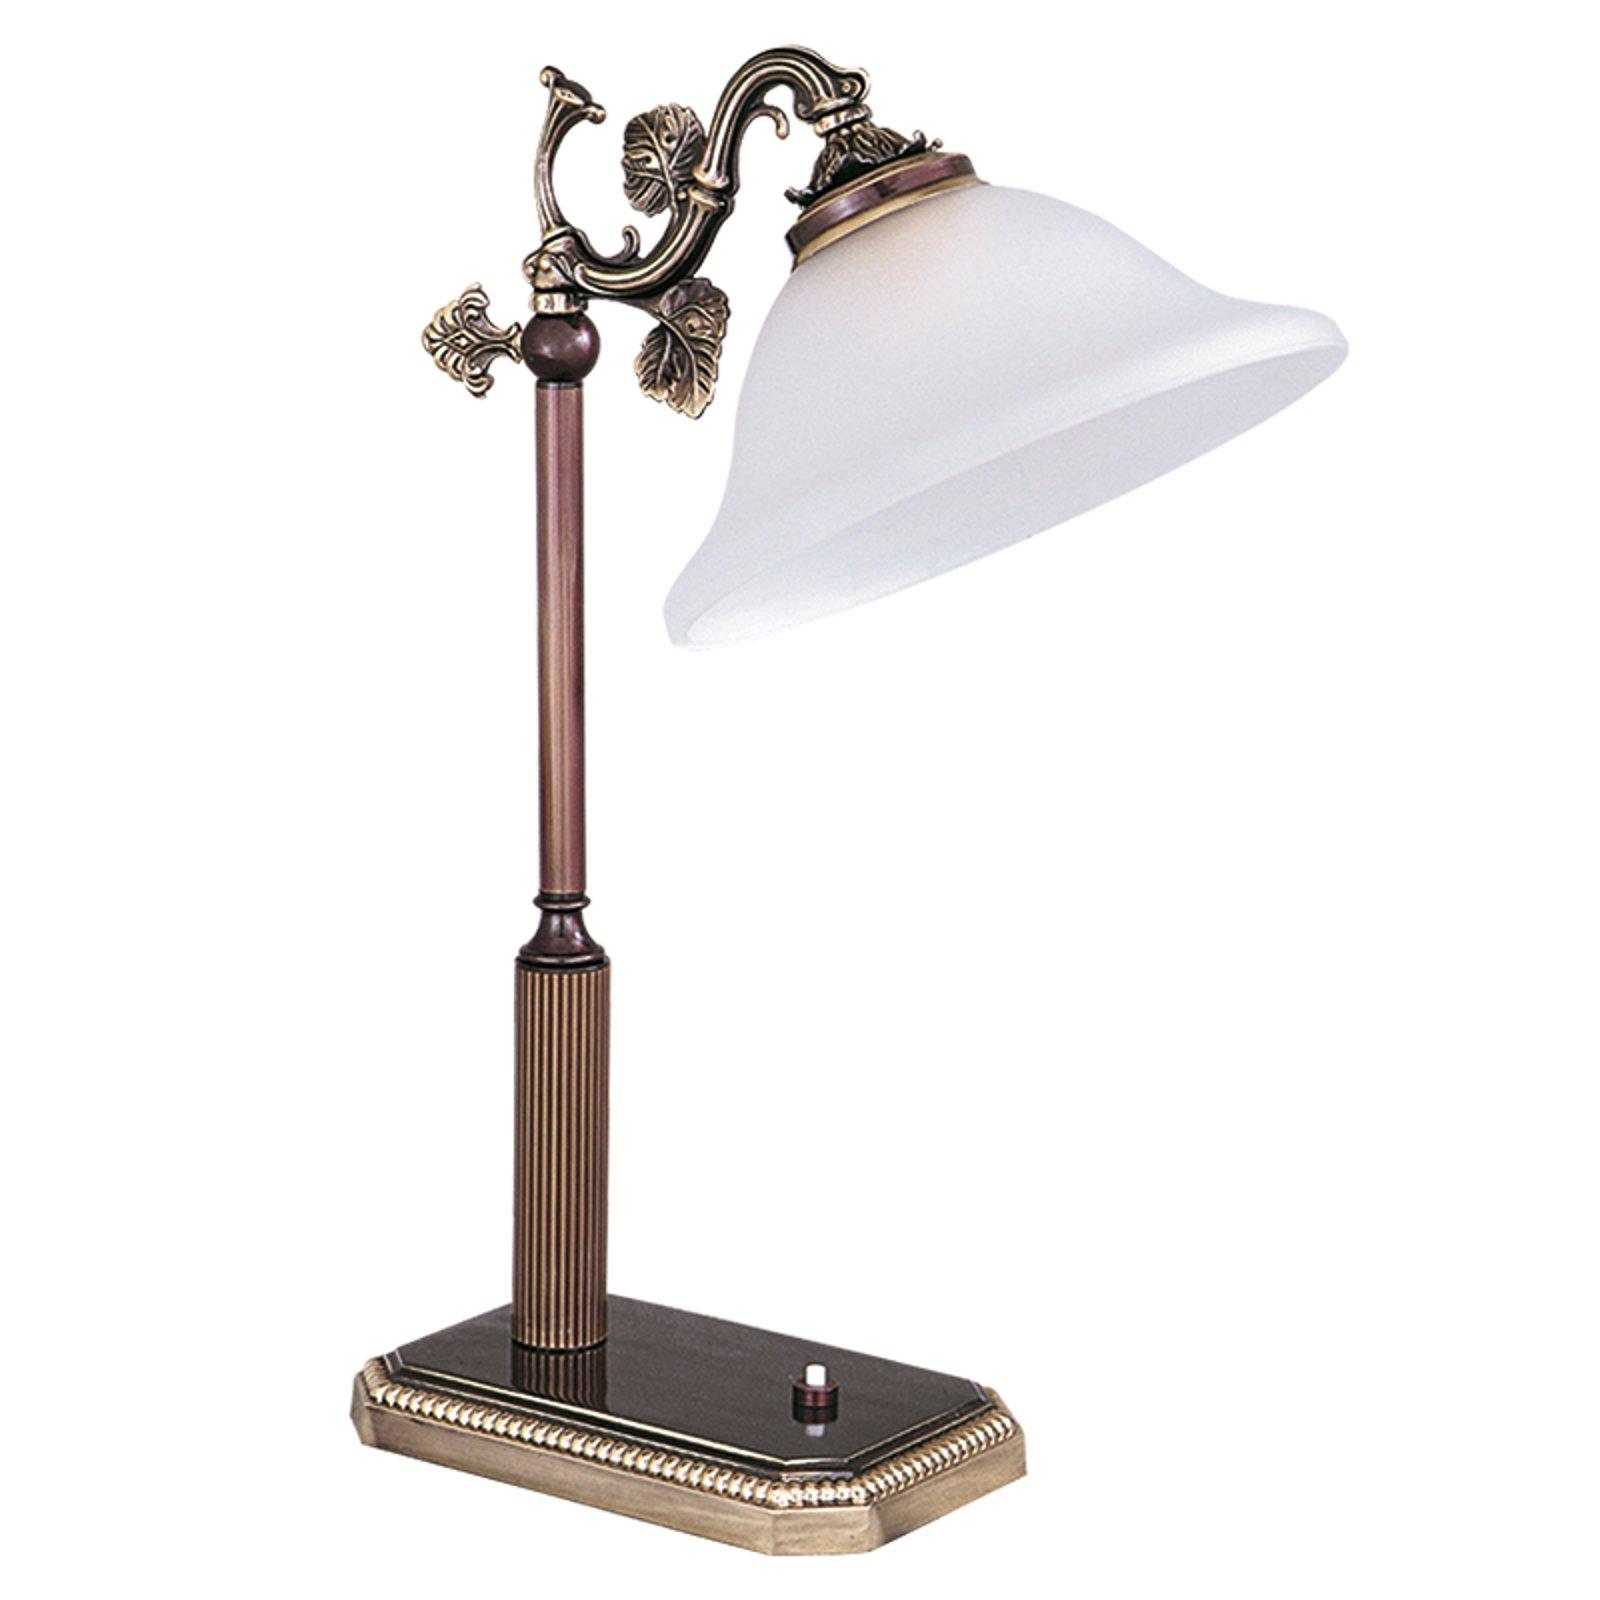 Vakker bordlampe fra serie RIALTO, hvit